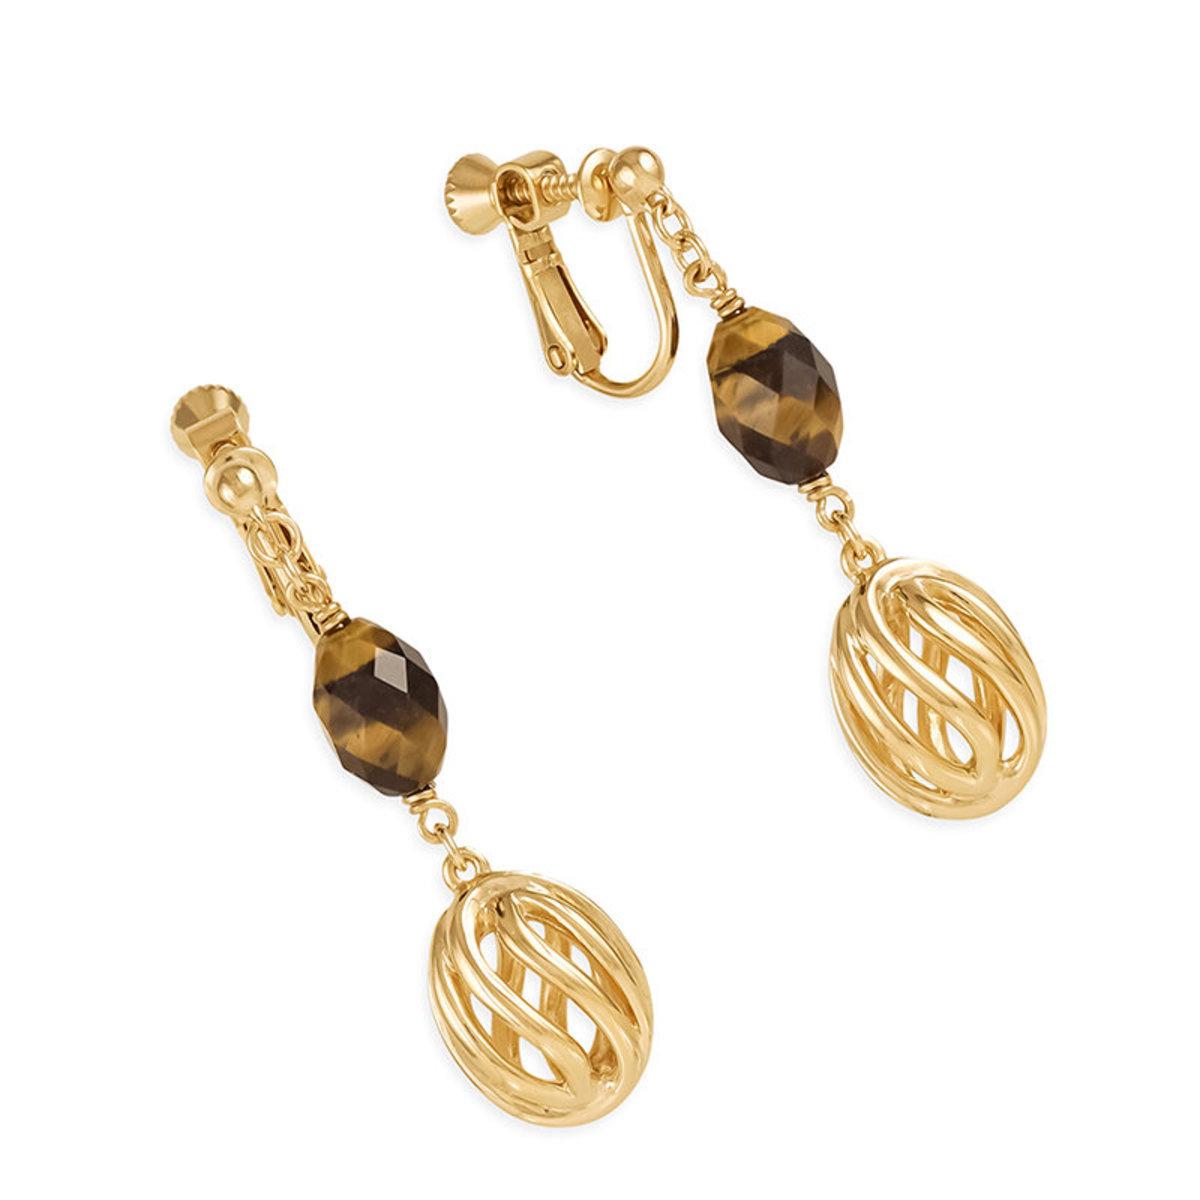 Natura bracelet: gold plating, tiger eye clip earrings